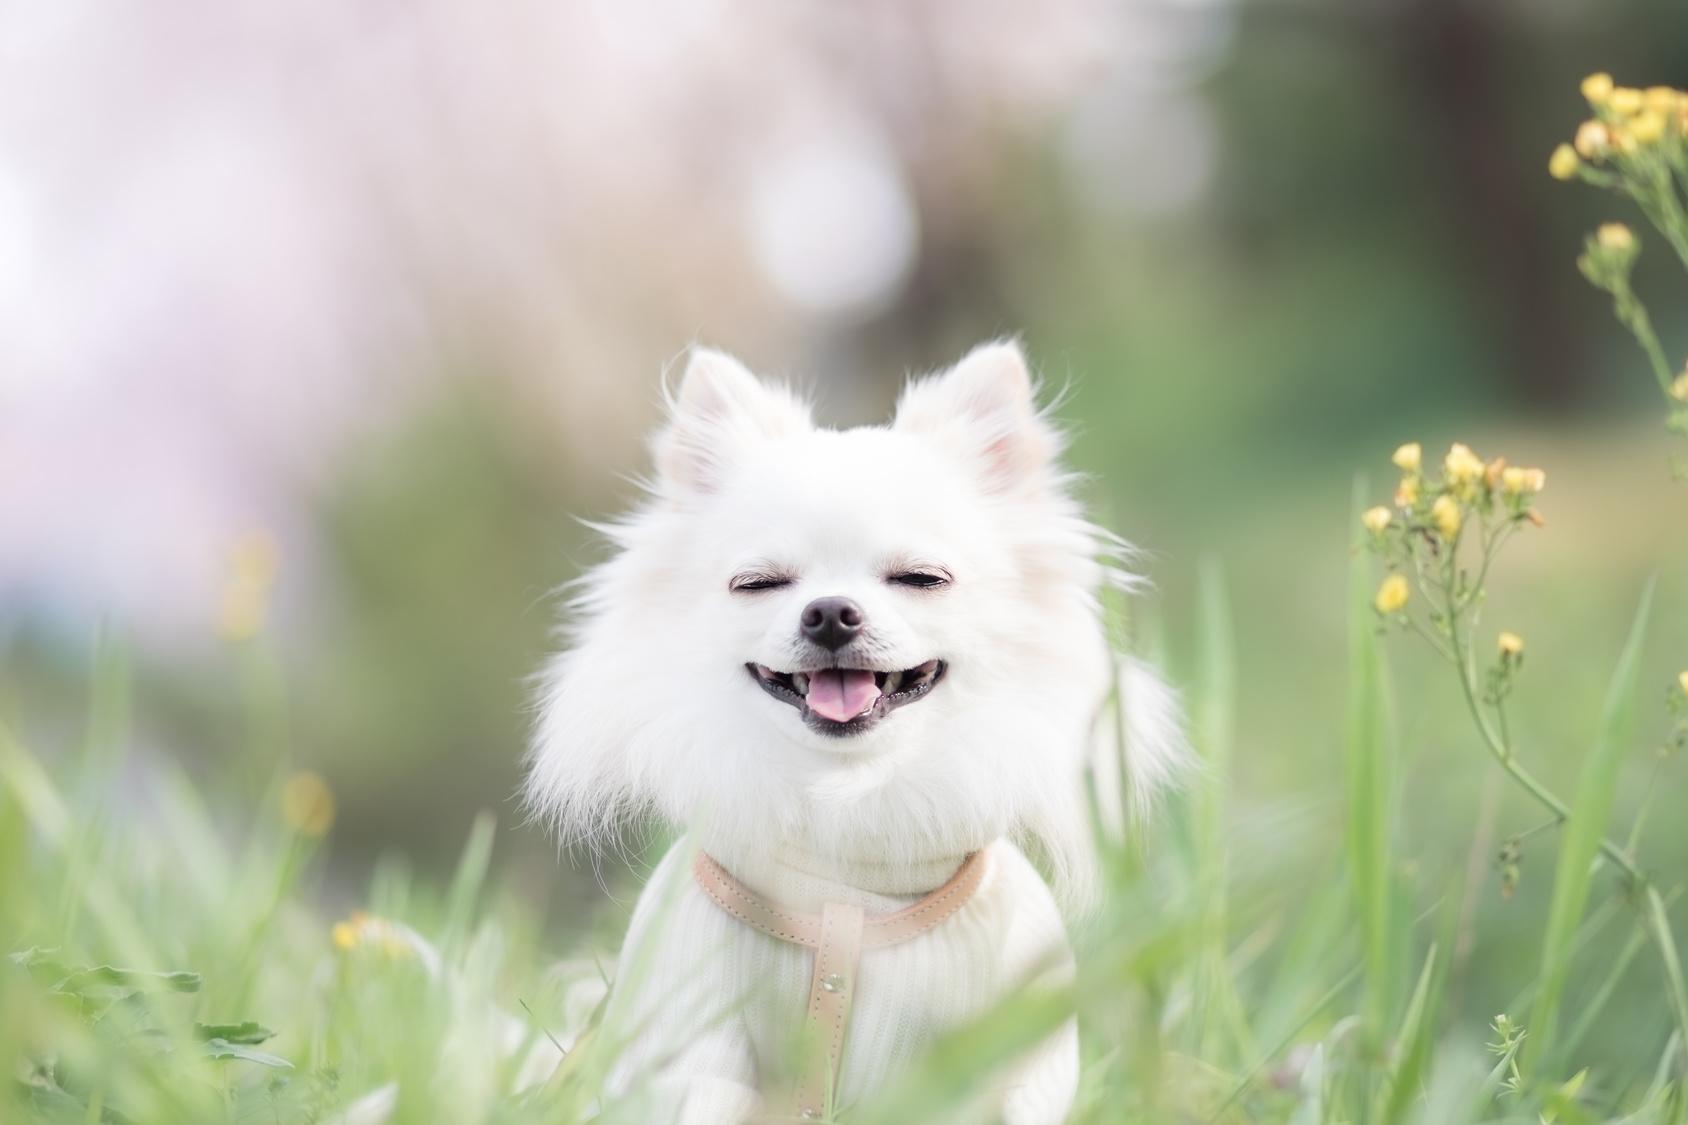 あなたが大好き!大好きな人の前でのみ見せる愛犬のしぐさ